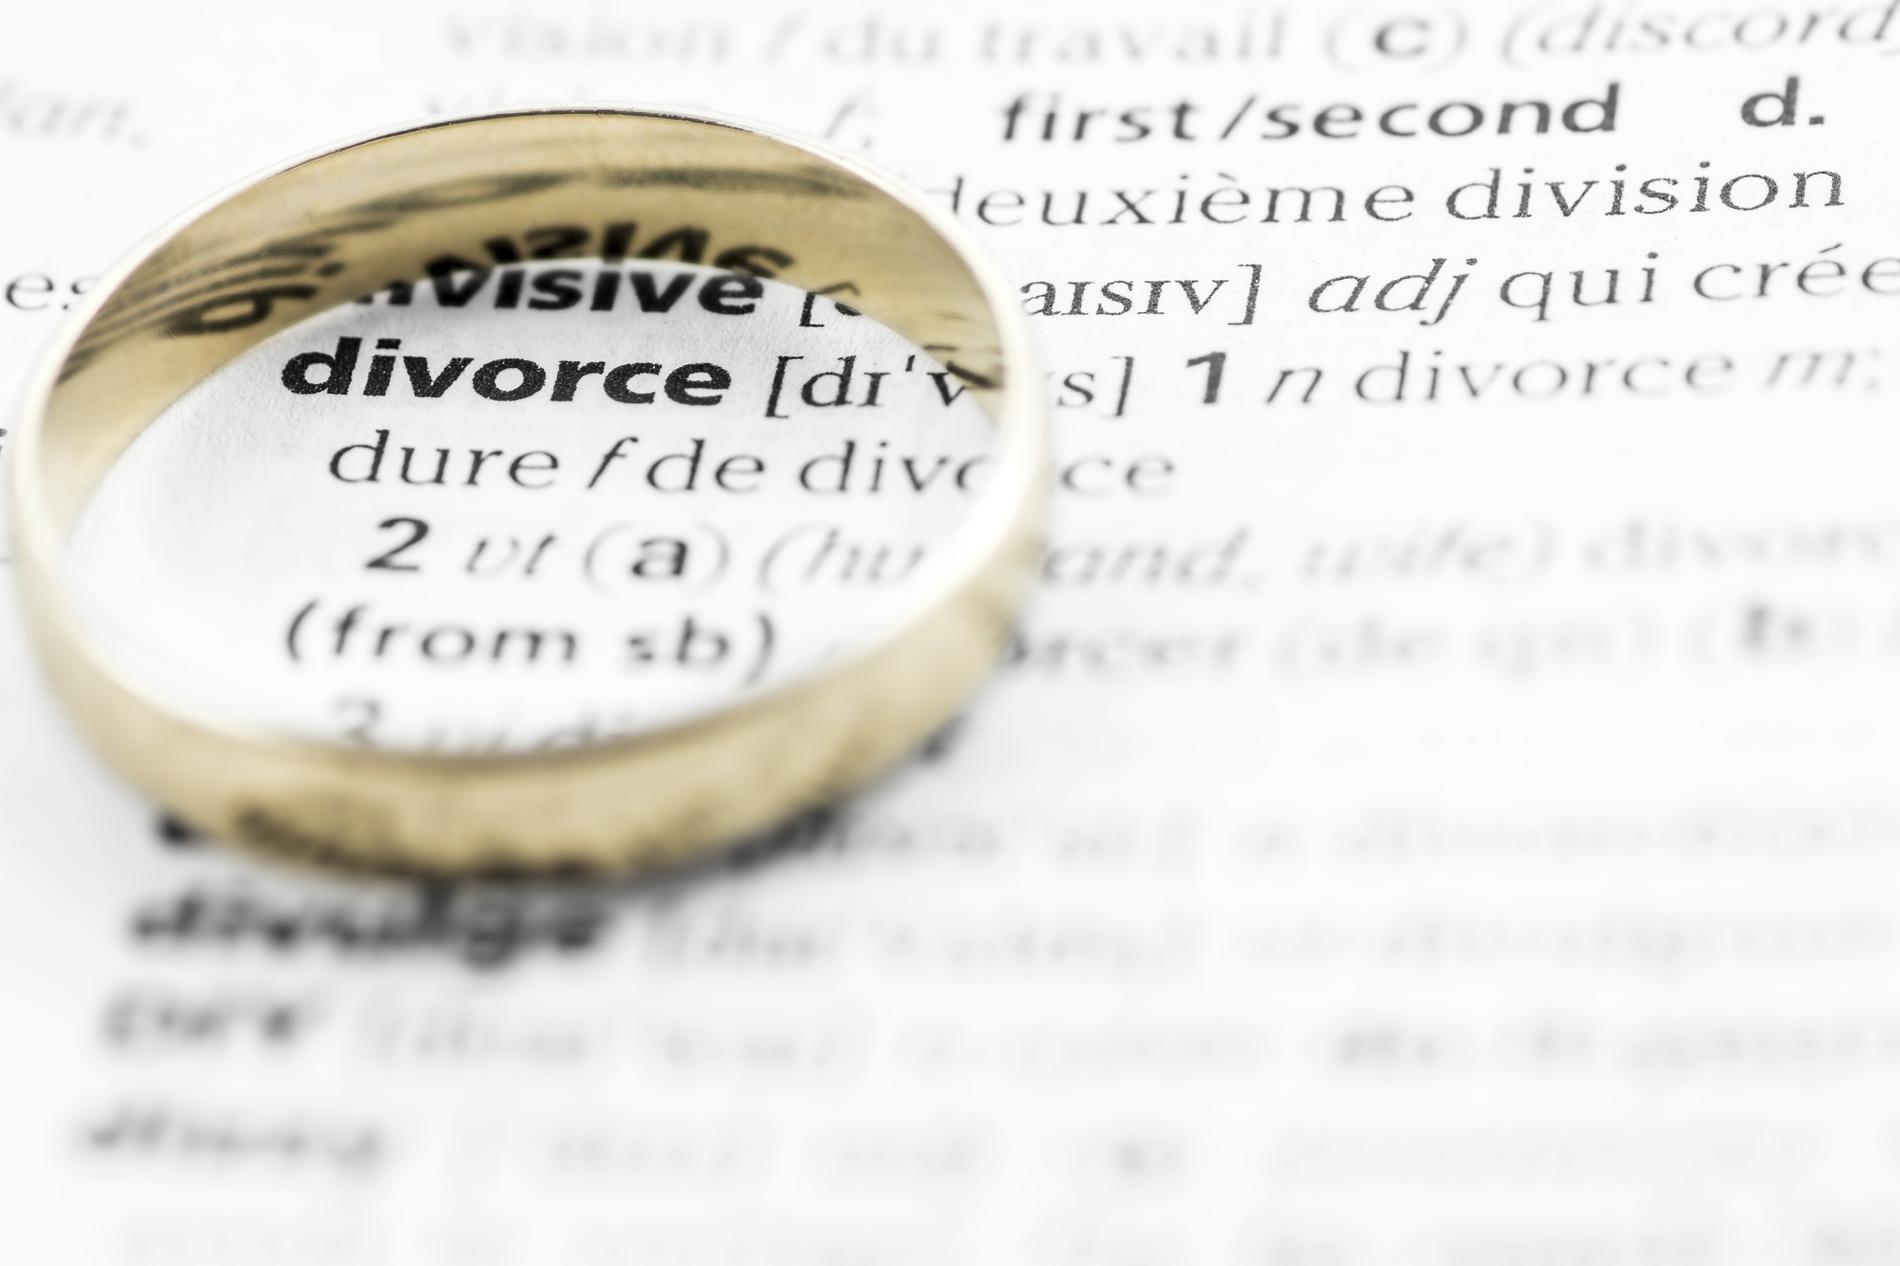 rencontre quelqu'un qui n'est pas divorcé